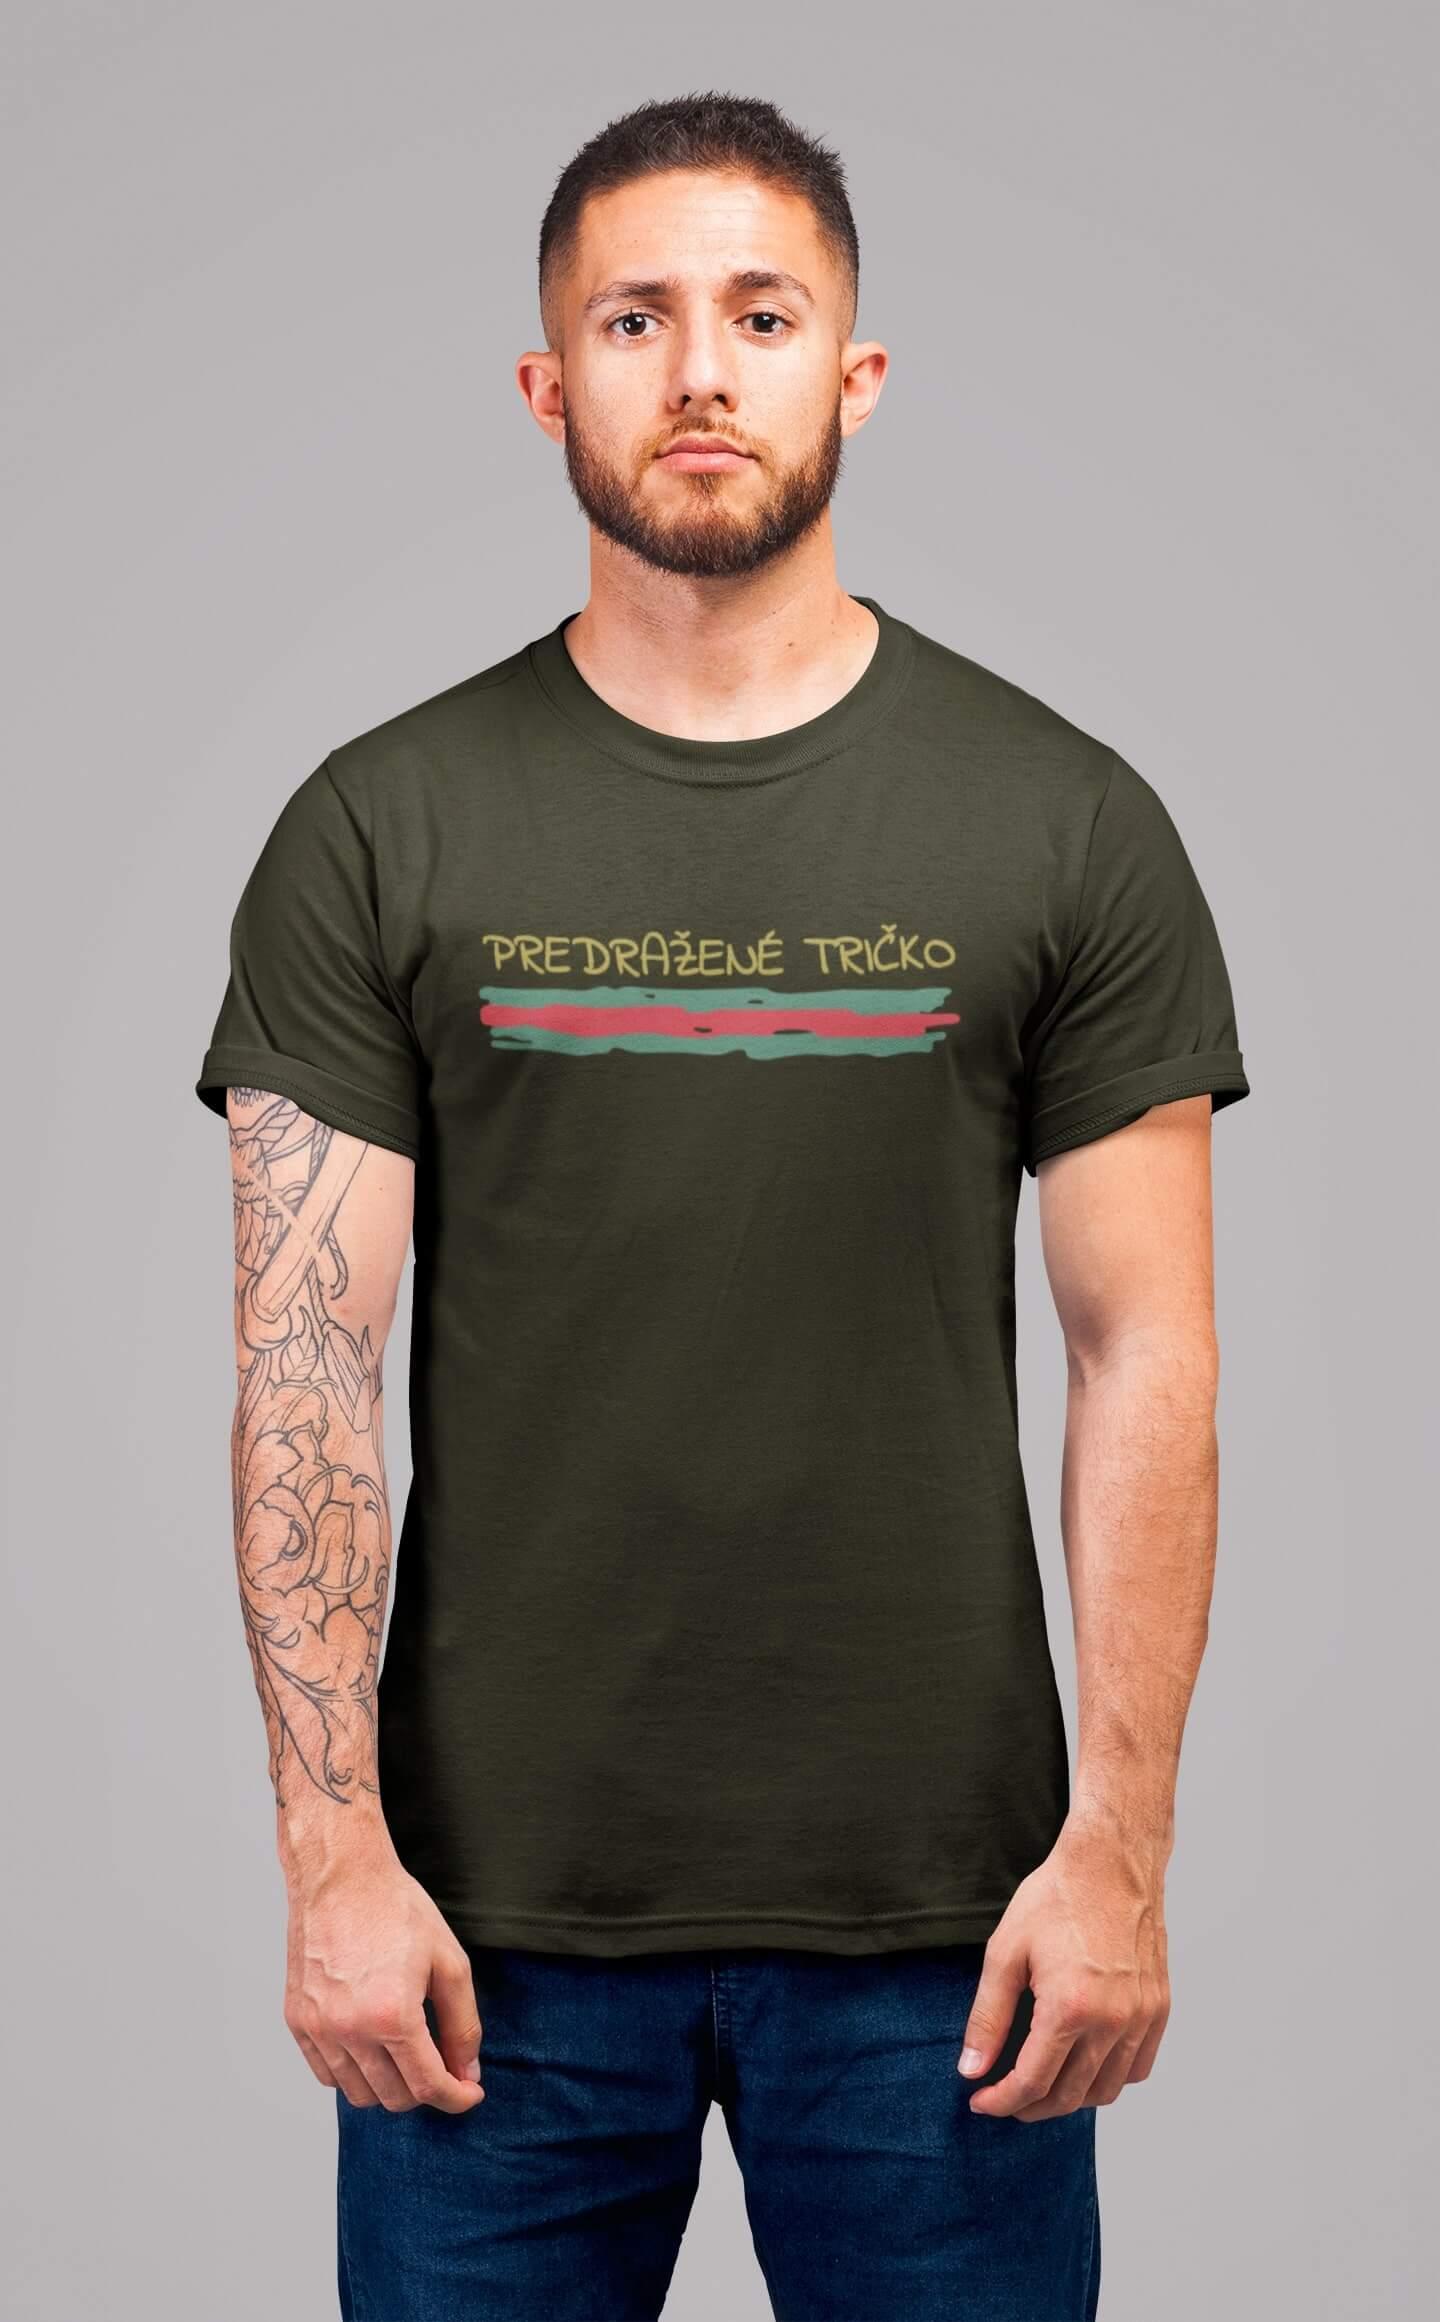 MMO Pánske tričko Predražené tričko Vyberte farbu: Military, Vyberte veľkosť: XS